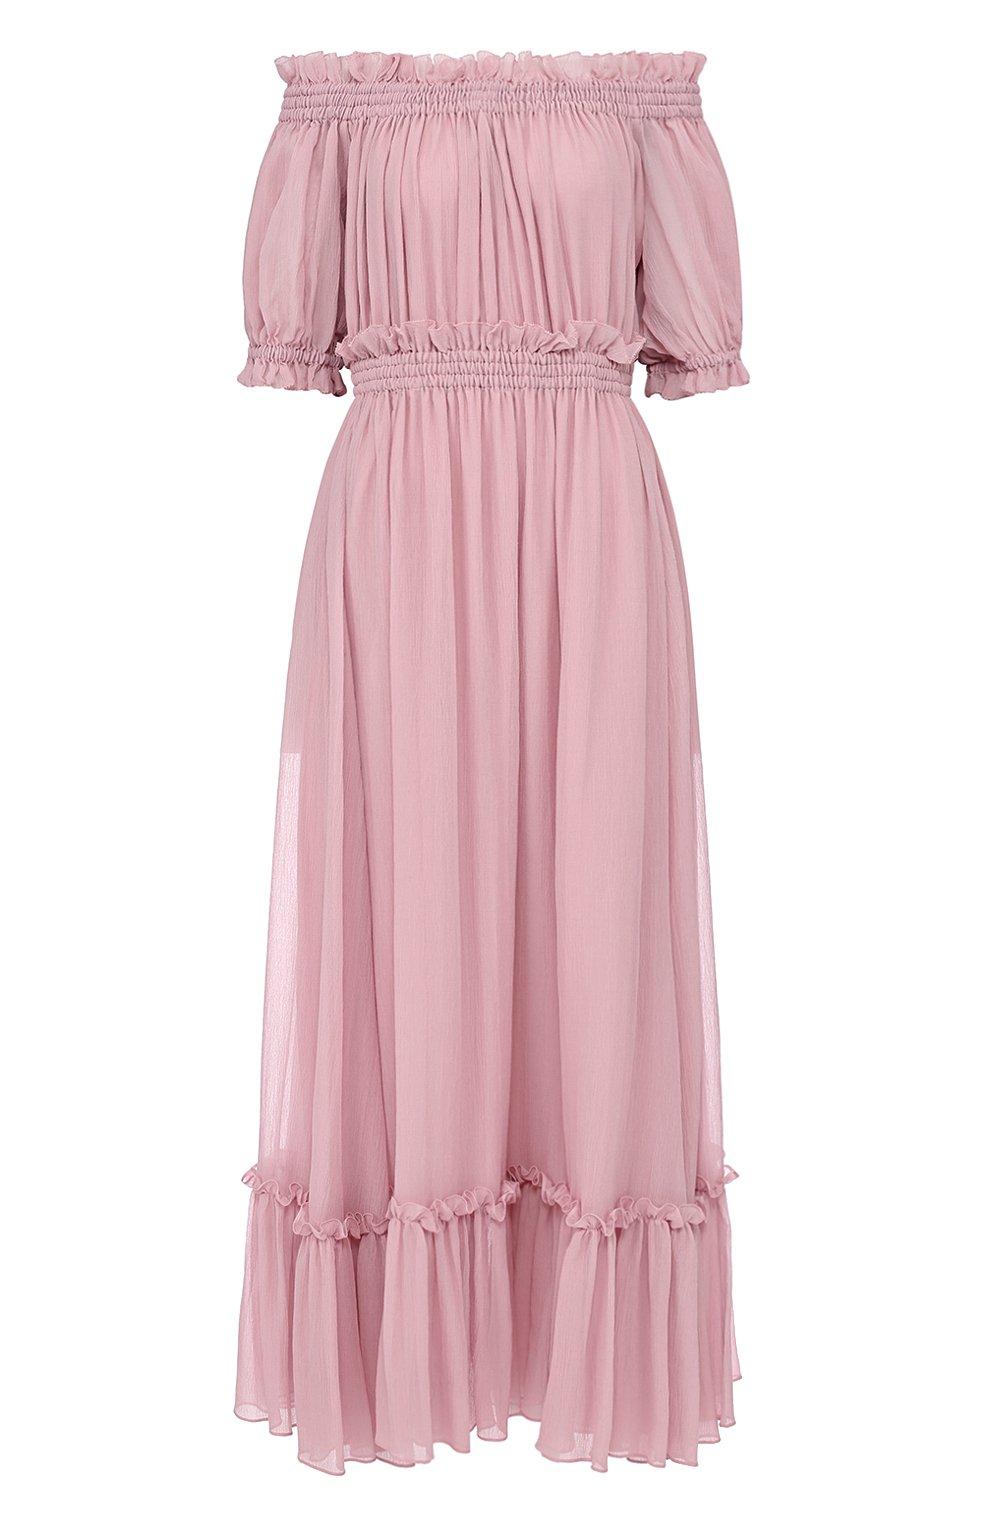 Шелковое платье с драпировкой и открытыми плечами Alexander McQueen розовое | Фото №1